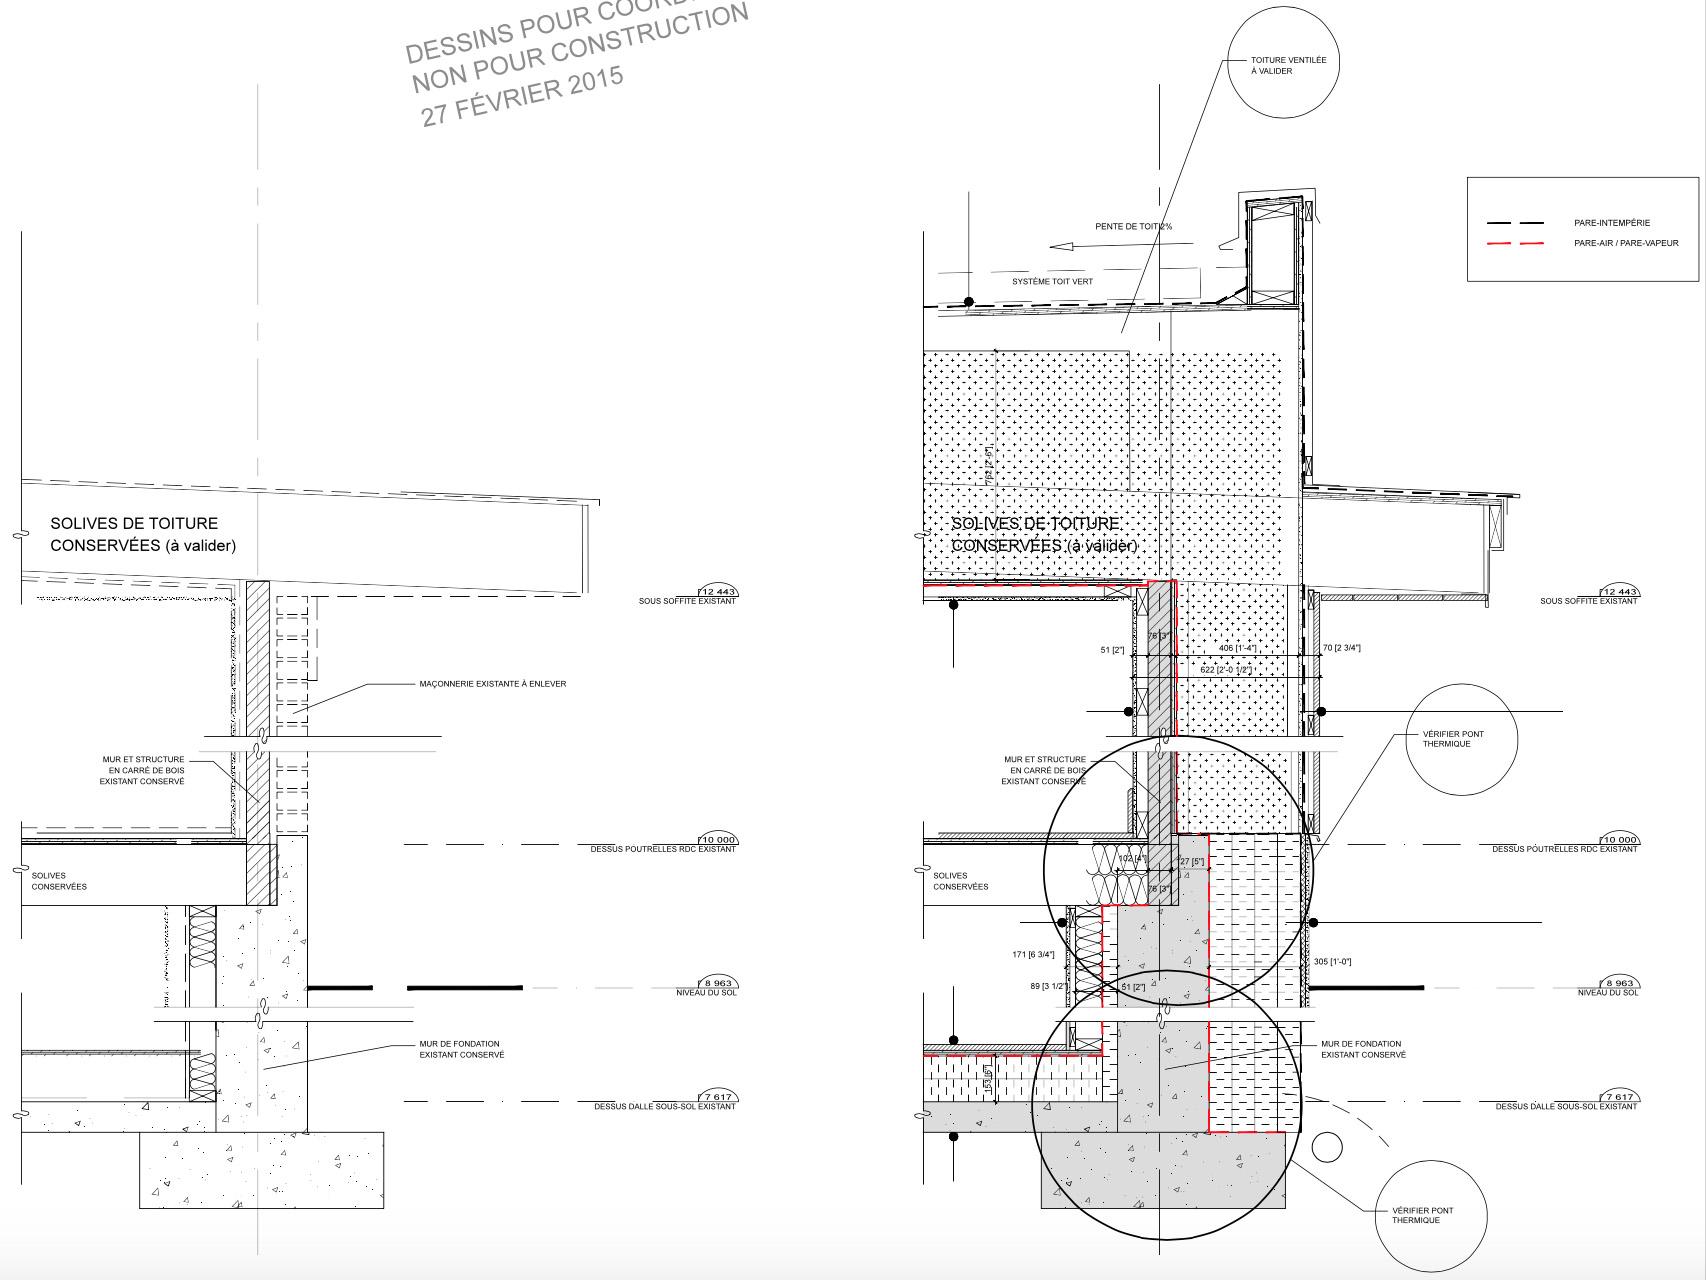 enveloppe 1 l isolation thermique maison passive ozal e. Black Bedroom Furniture Sets. Home Design Ideas